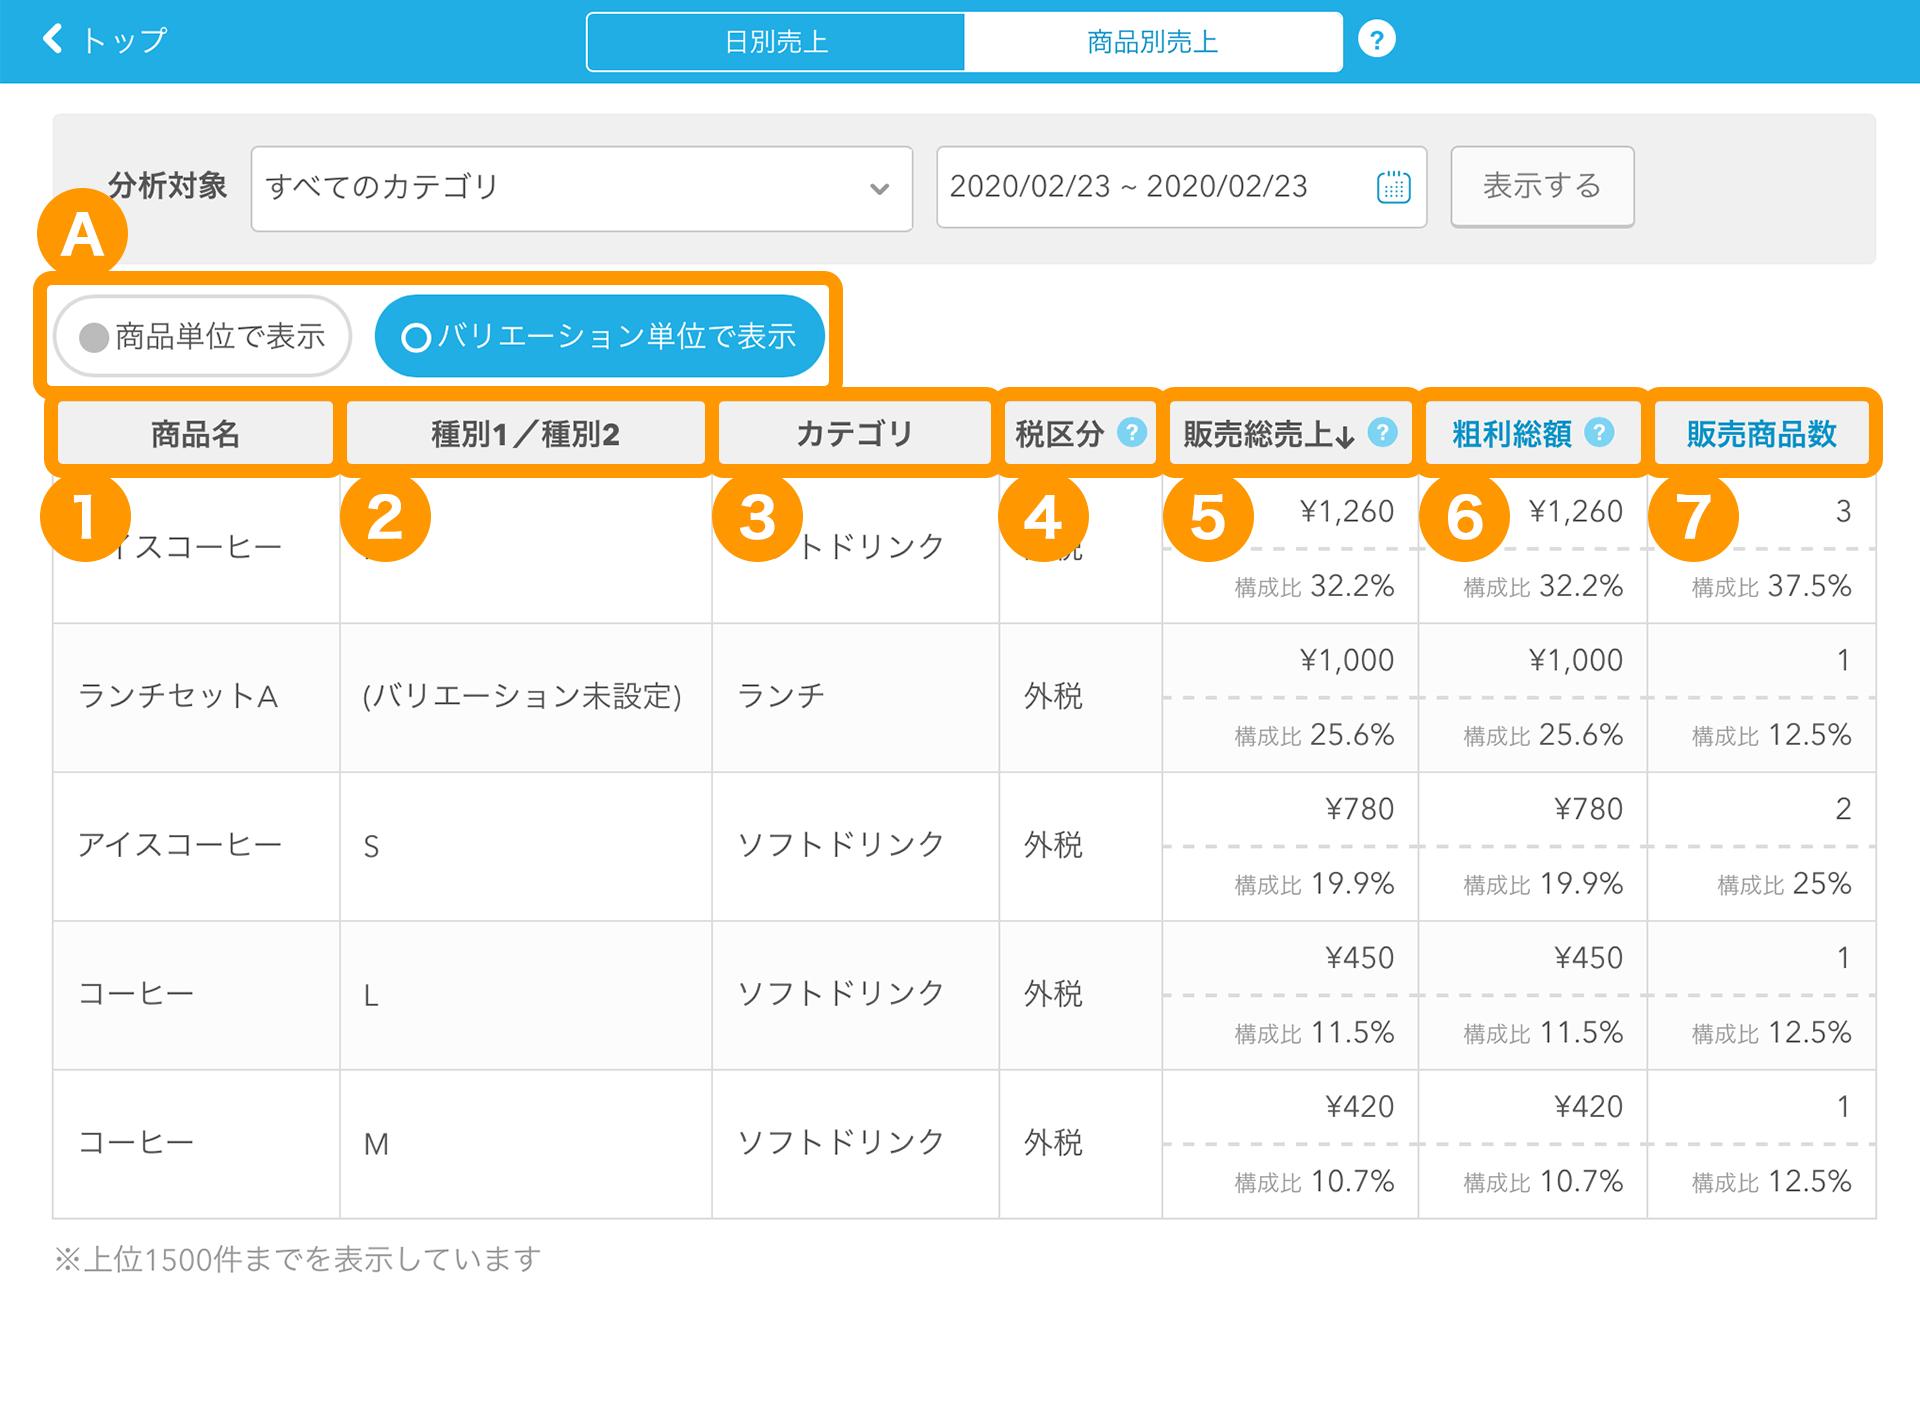 Airレジ 商品別売上画面 商品別売上一覧表